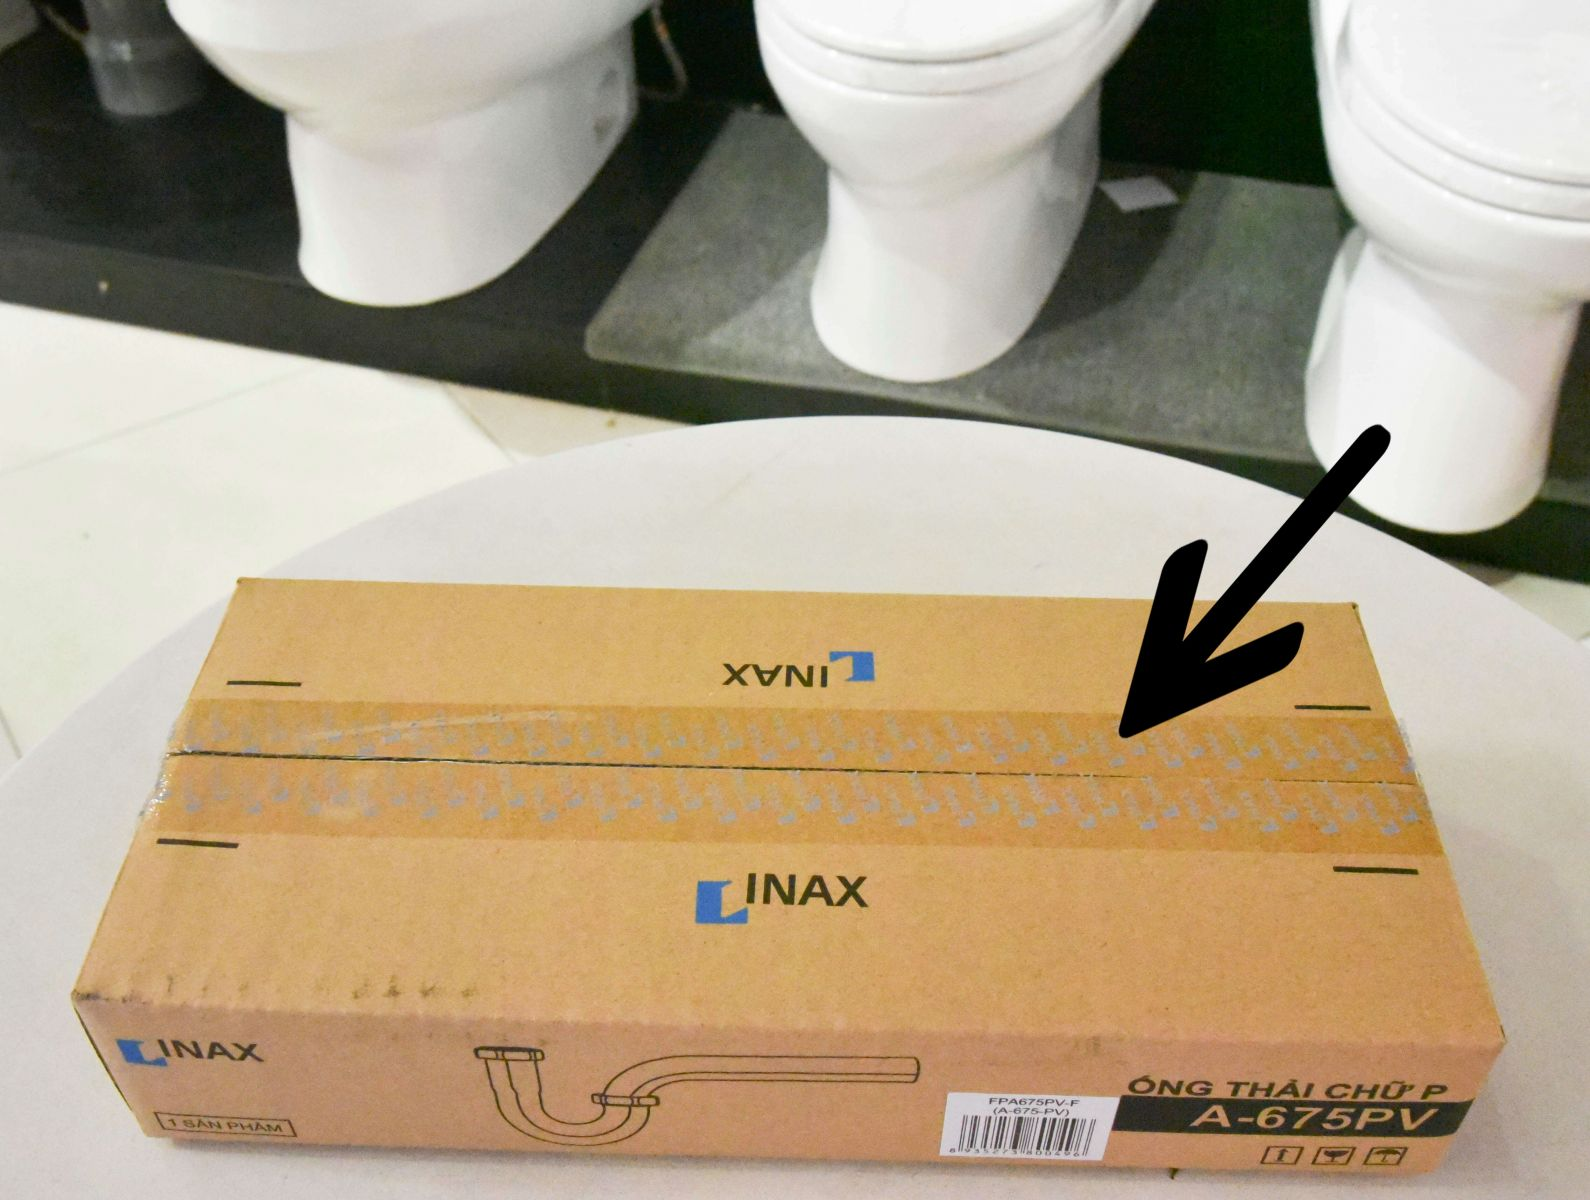 Băng kéo dán Inax có in logo bạc - tem Inax chống giả